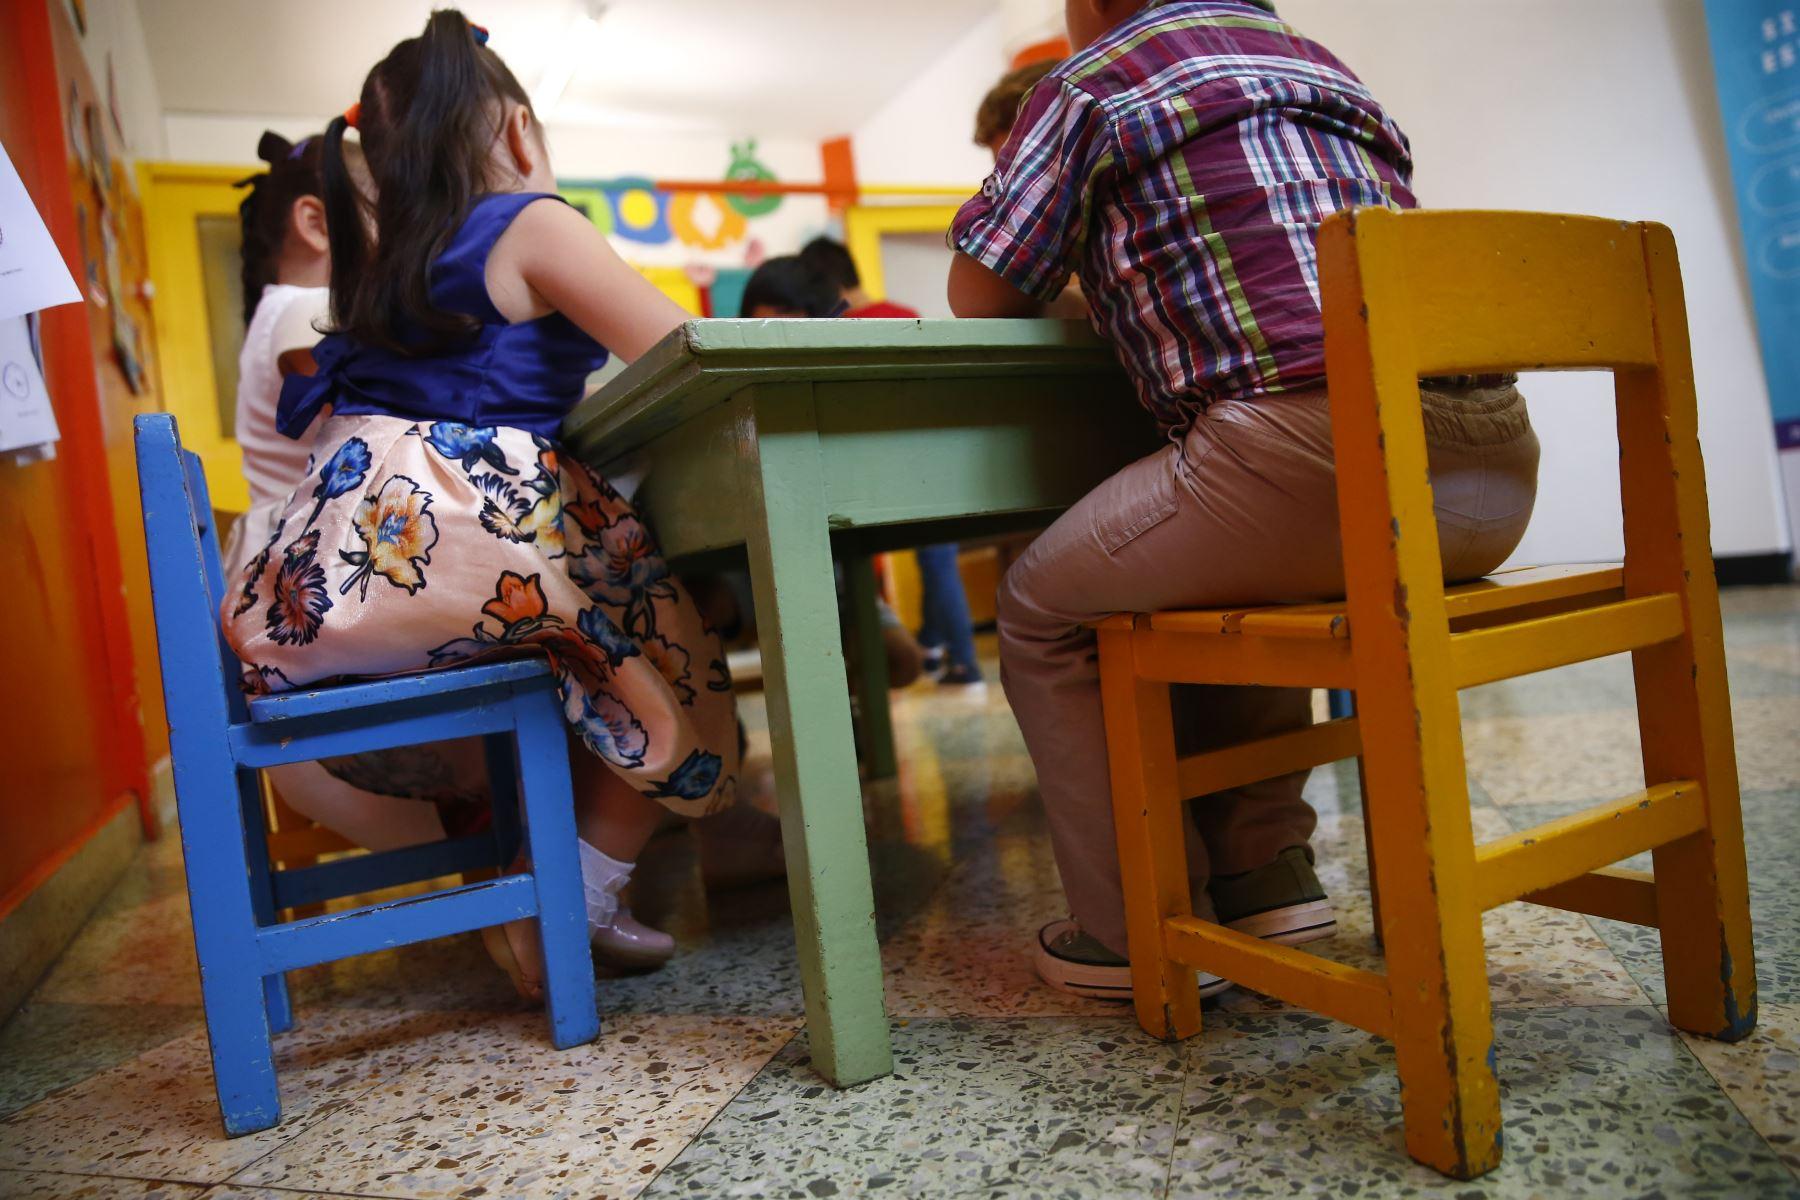 El mobiliario escolar debe ser de acuerdo a la estatura del alumno. Foto: ANDINA/Jhonel Rodríguez Robles